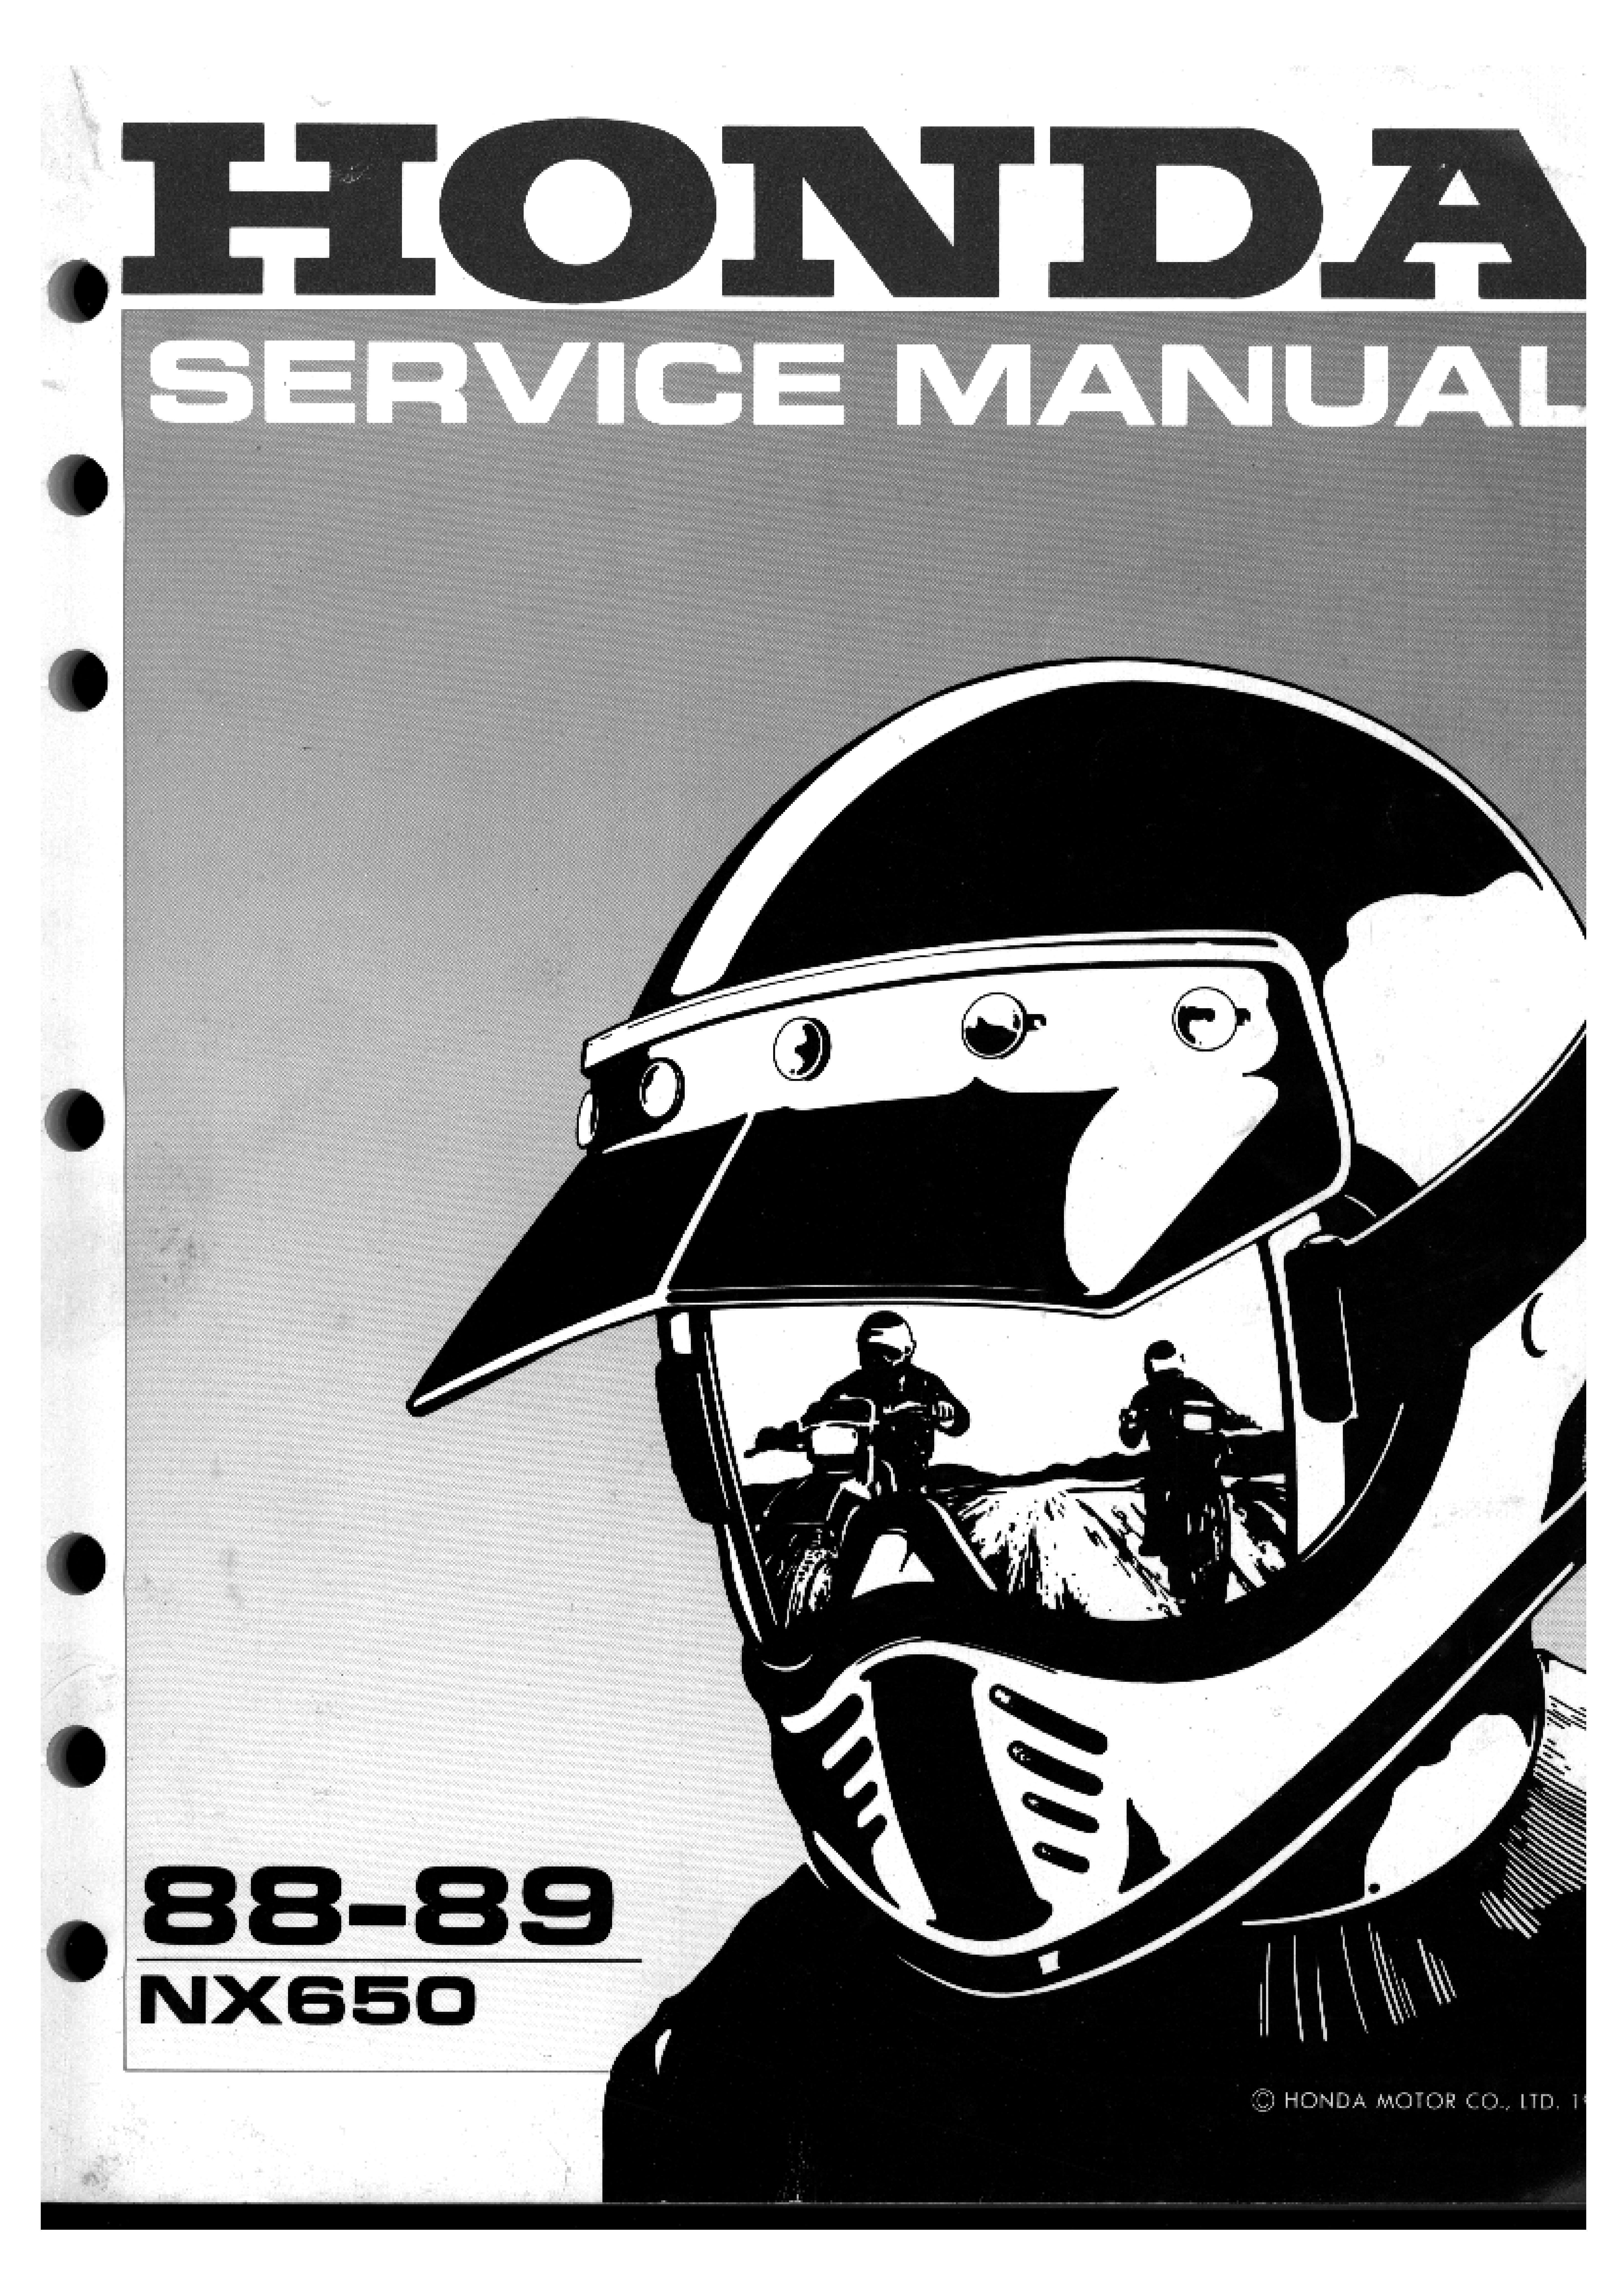 Workshop Manual for Honda NX650 (1988-1989)